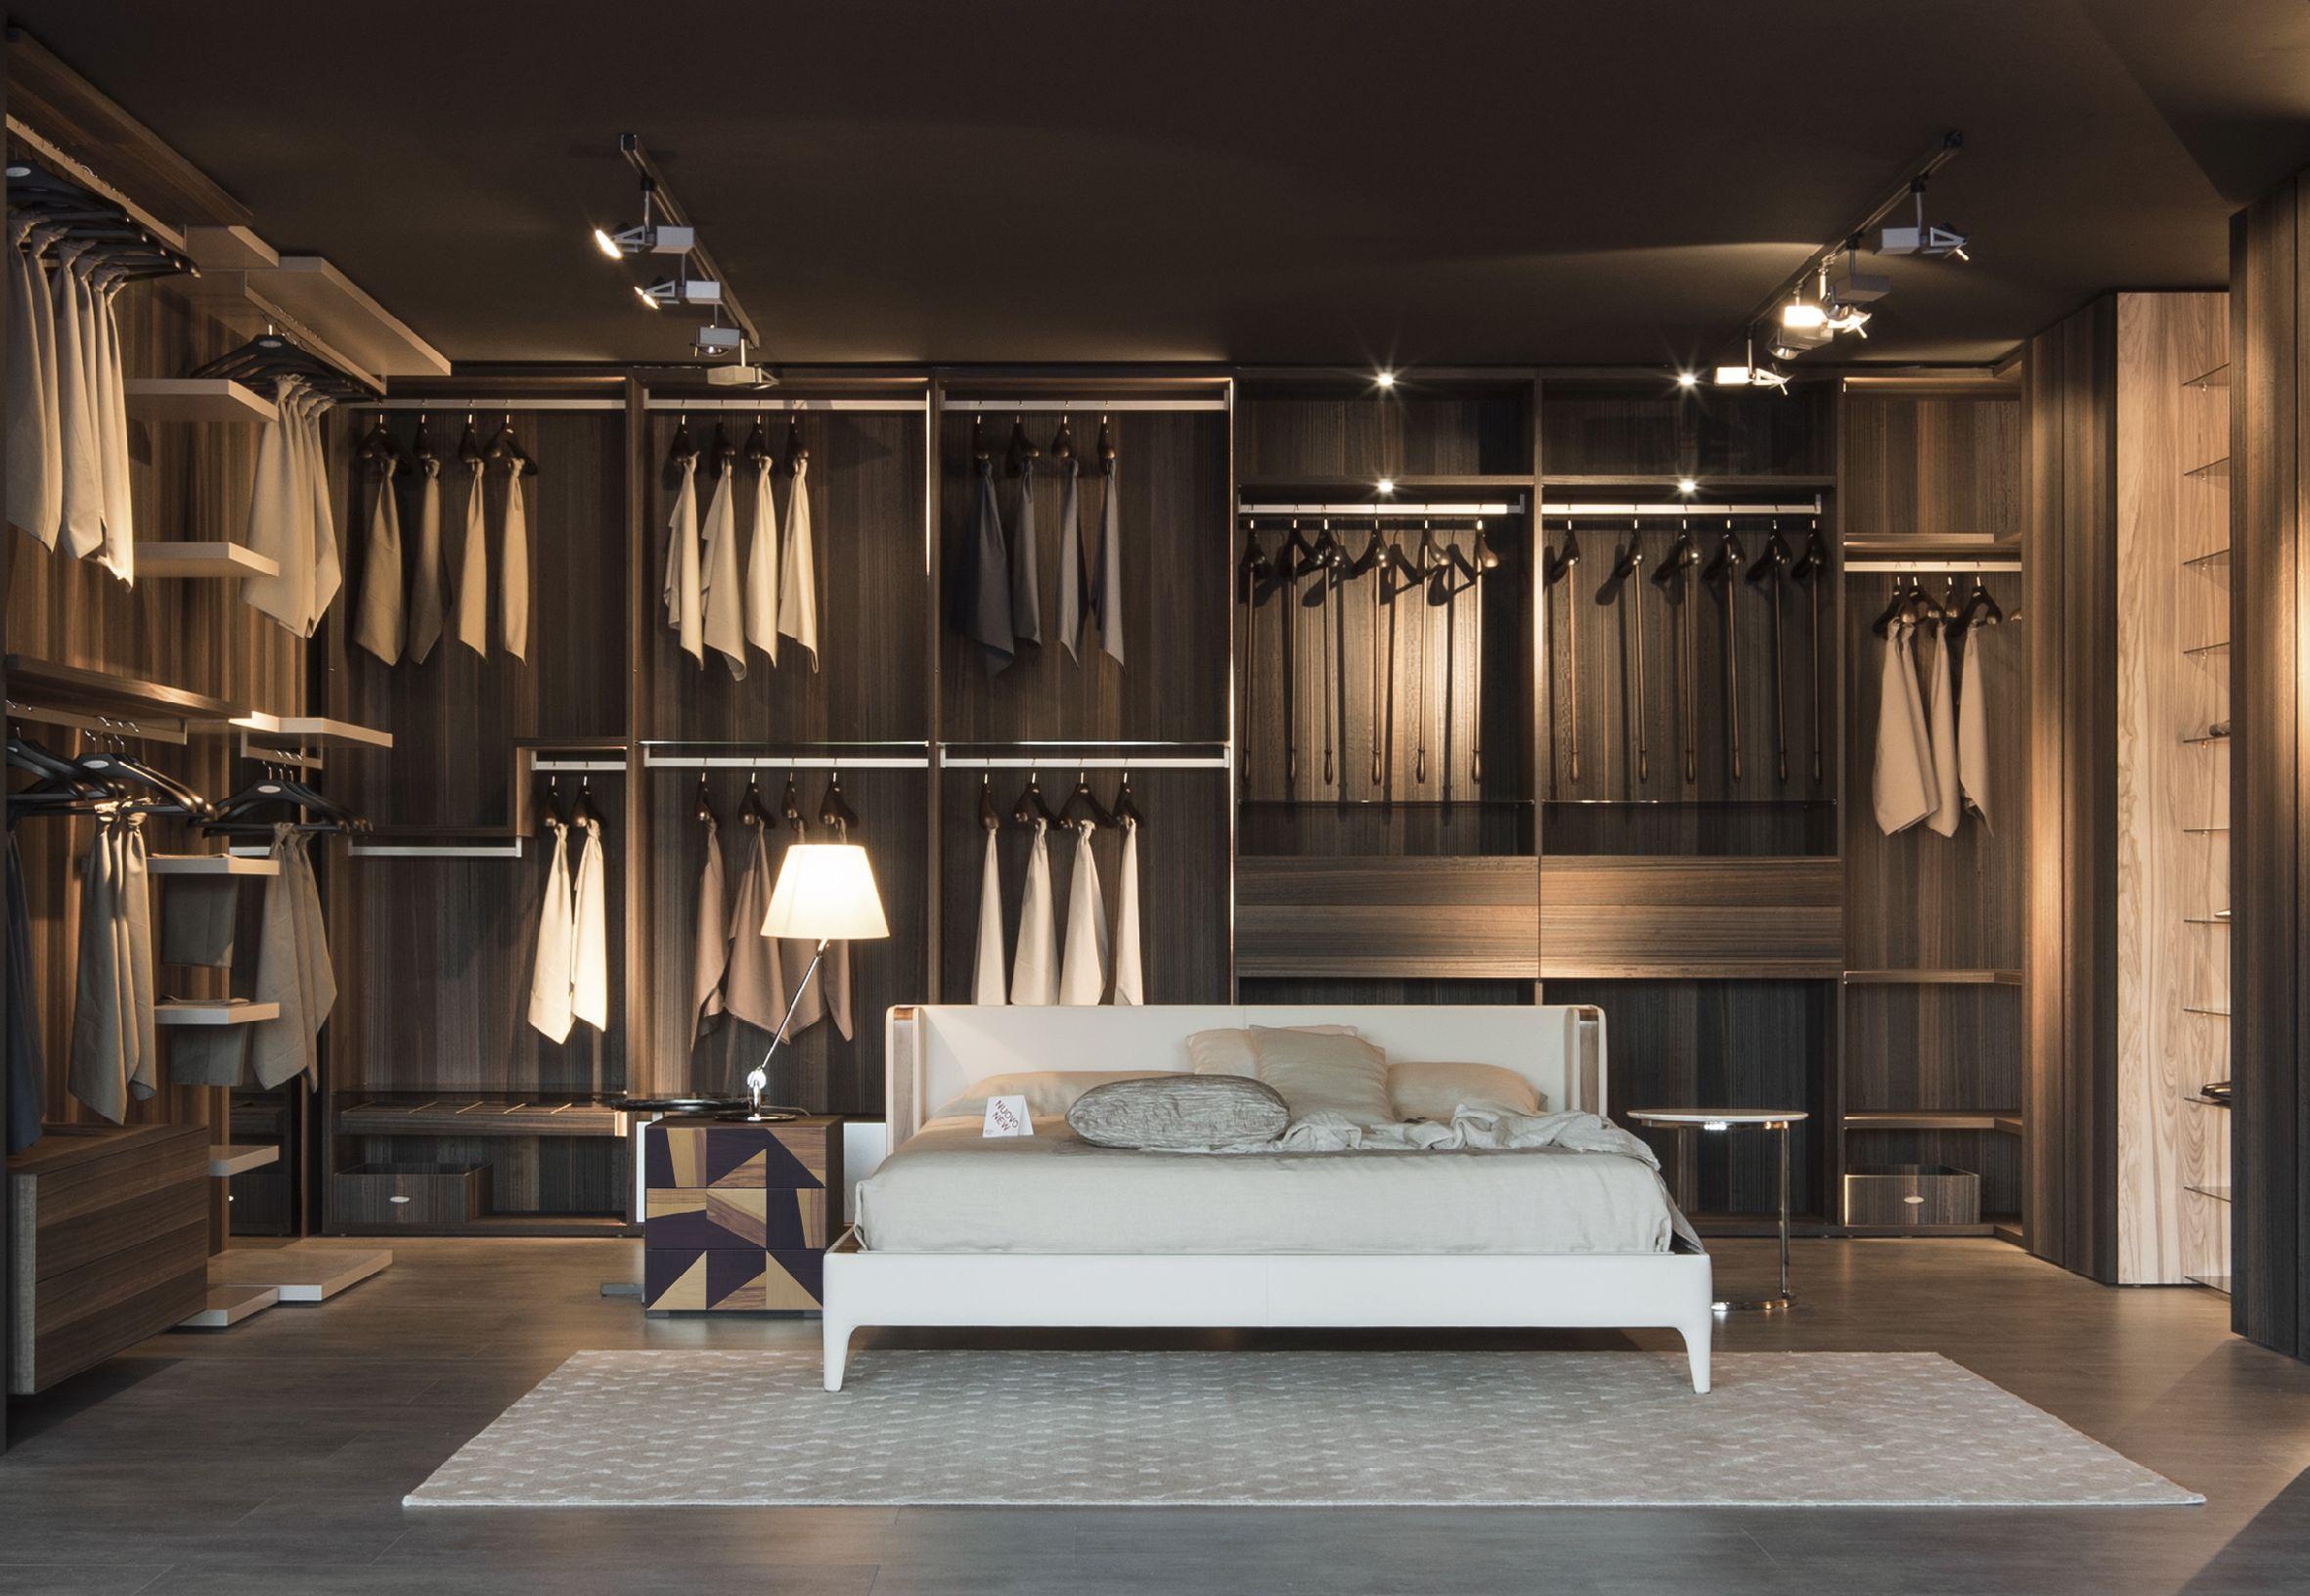 Cabina armadio hedon falegnameria 1946 letti armadi e complementi camera da letto - Complementi camera da letto ...